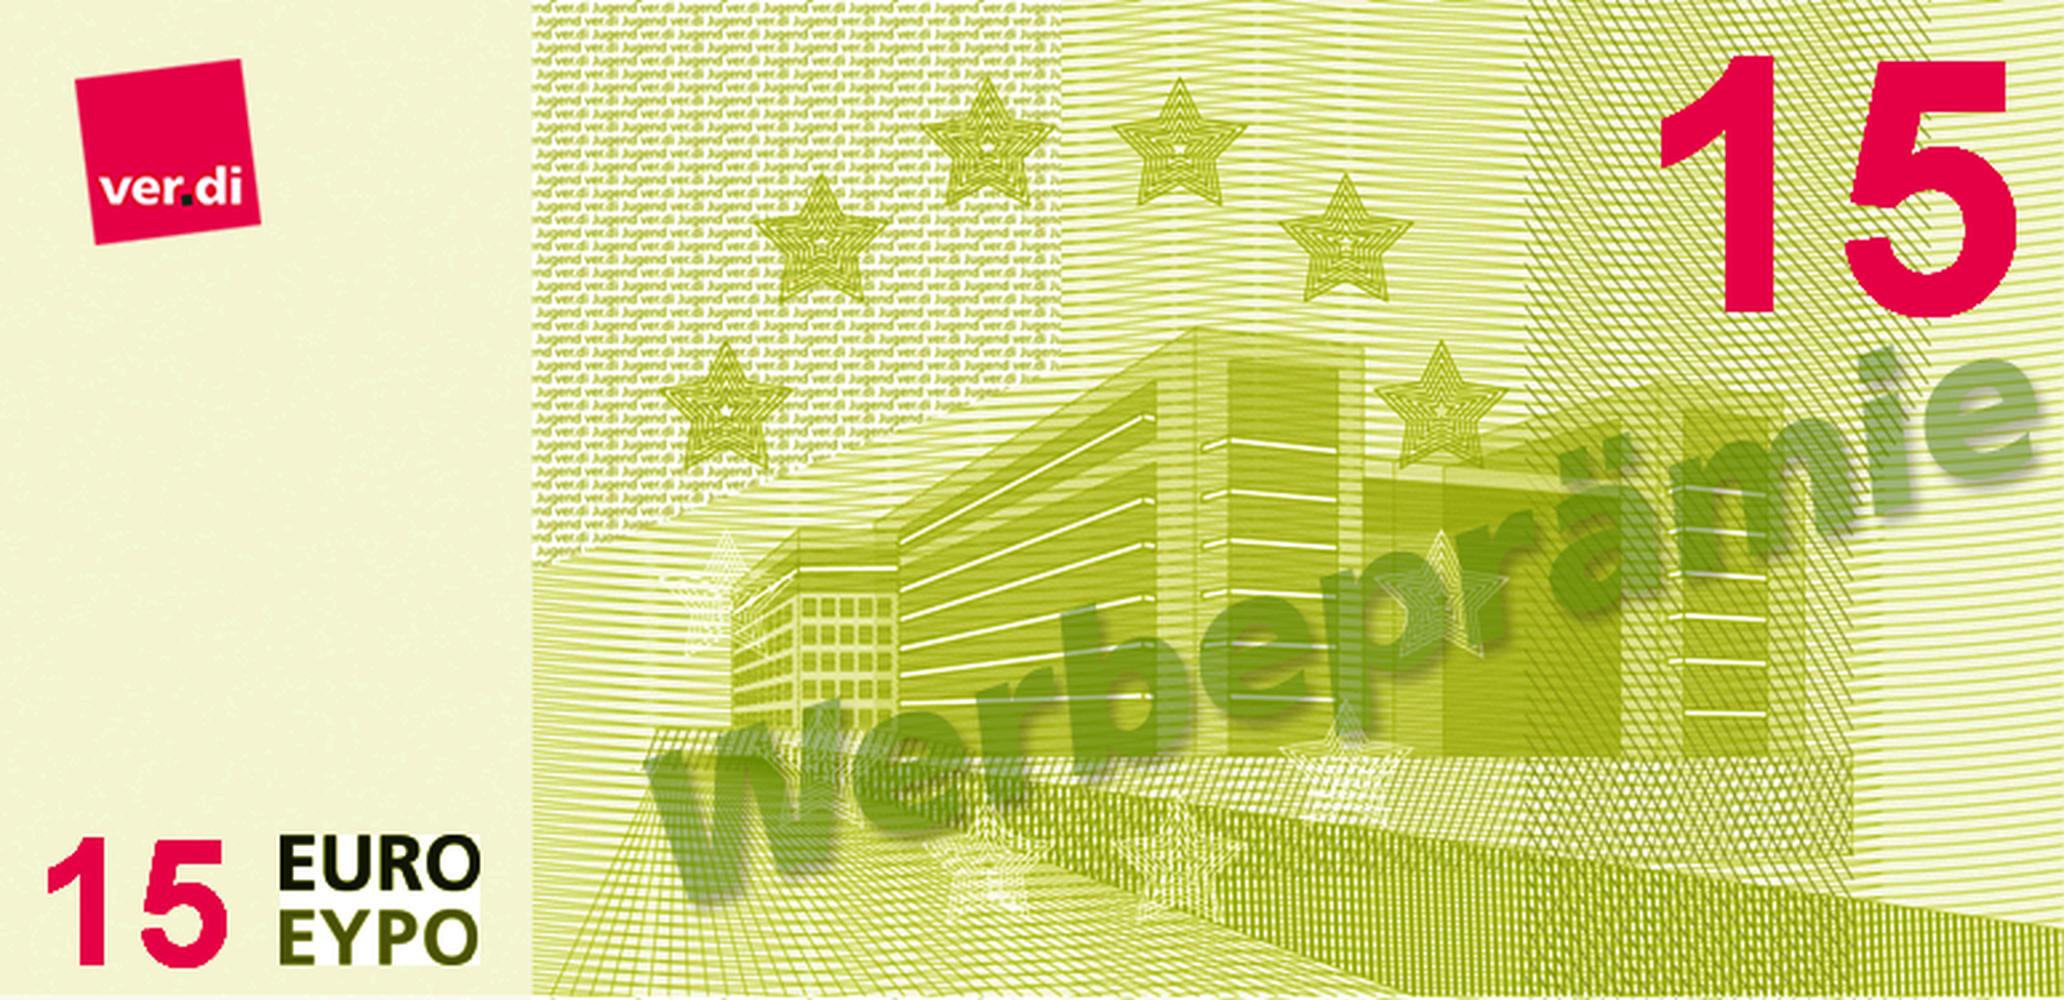 Verdi 15 Euro Haben Oder Nicht